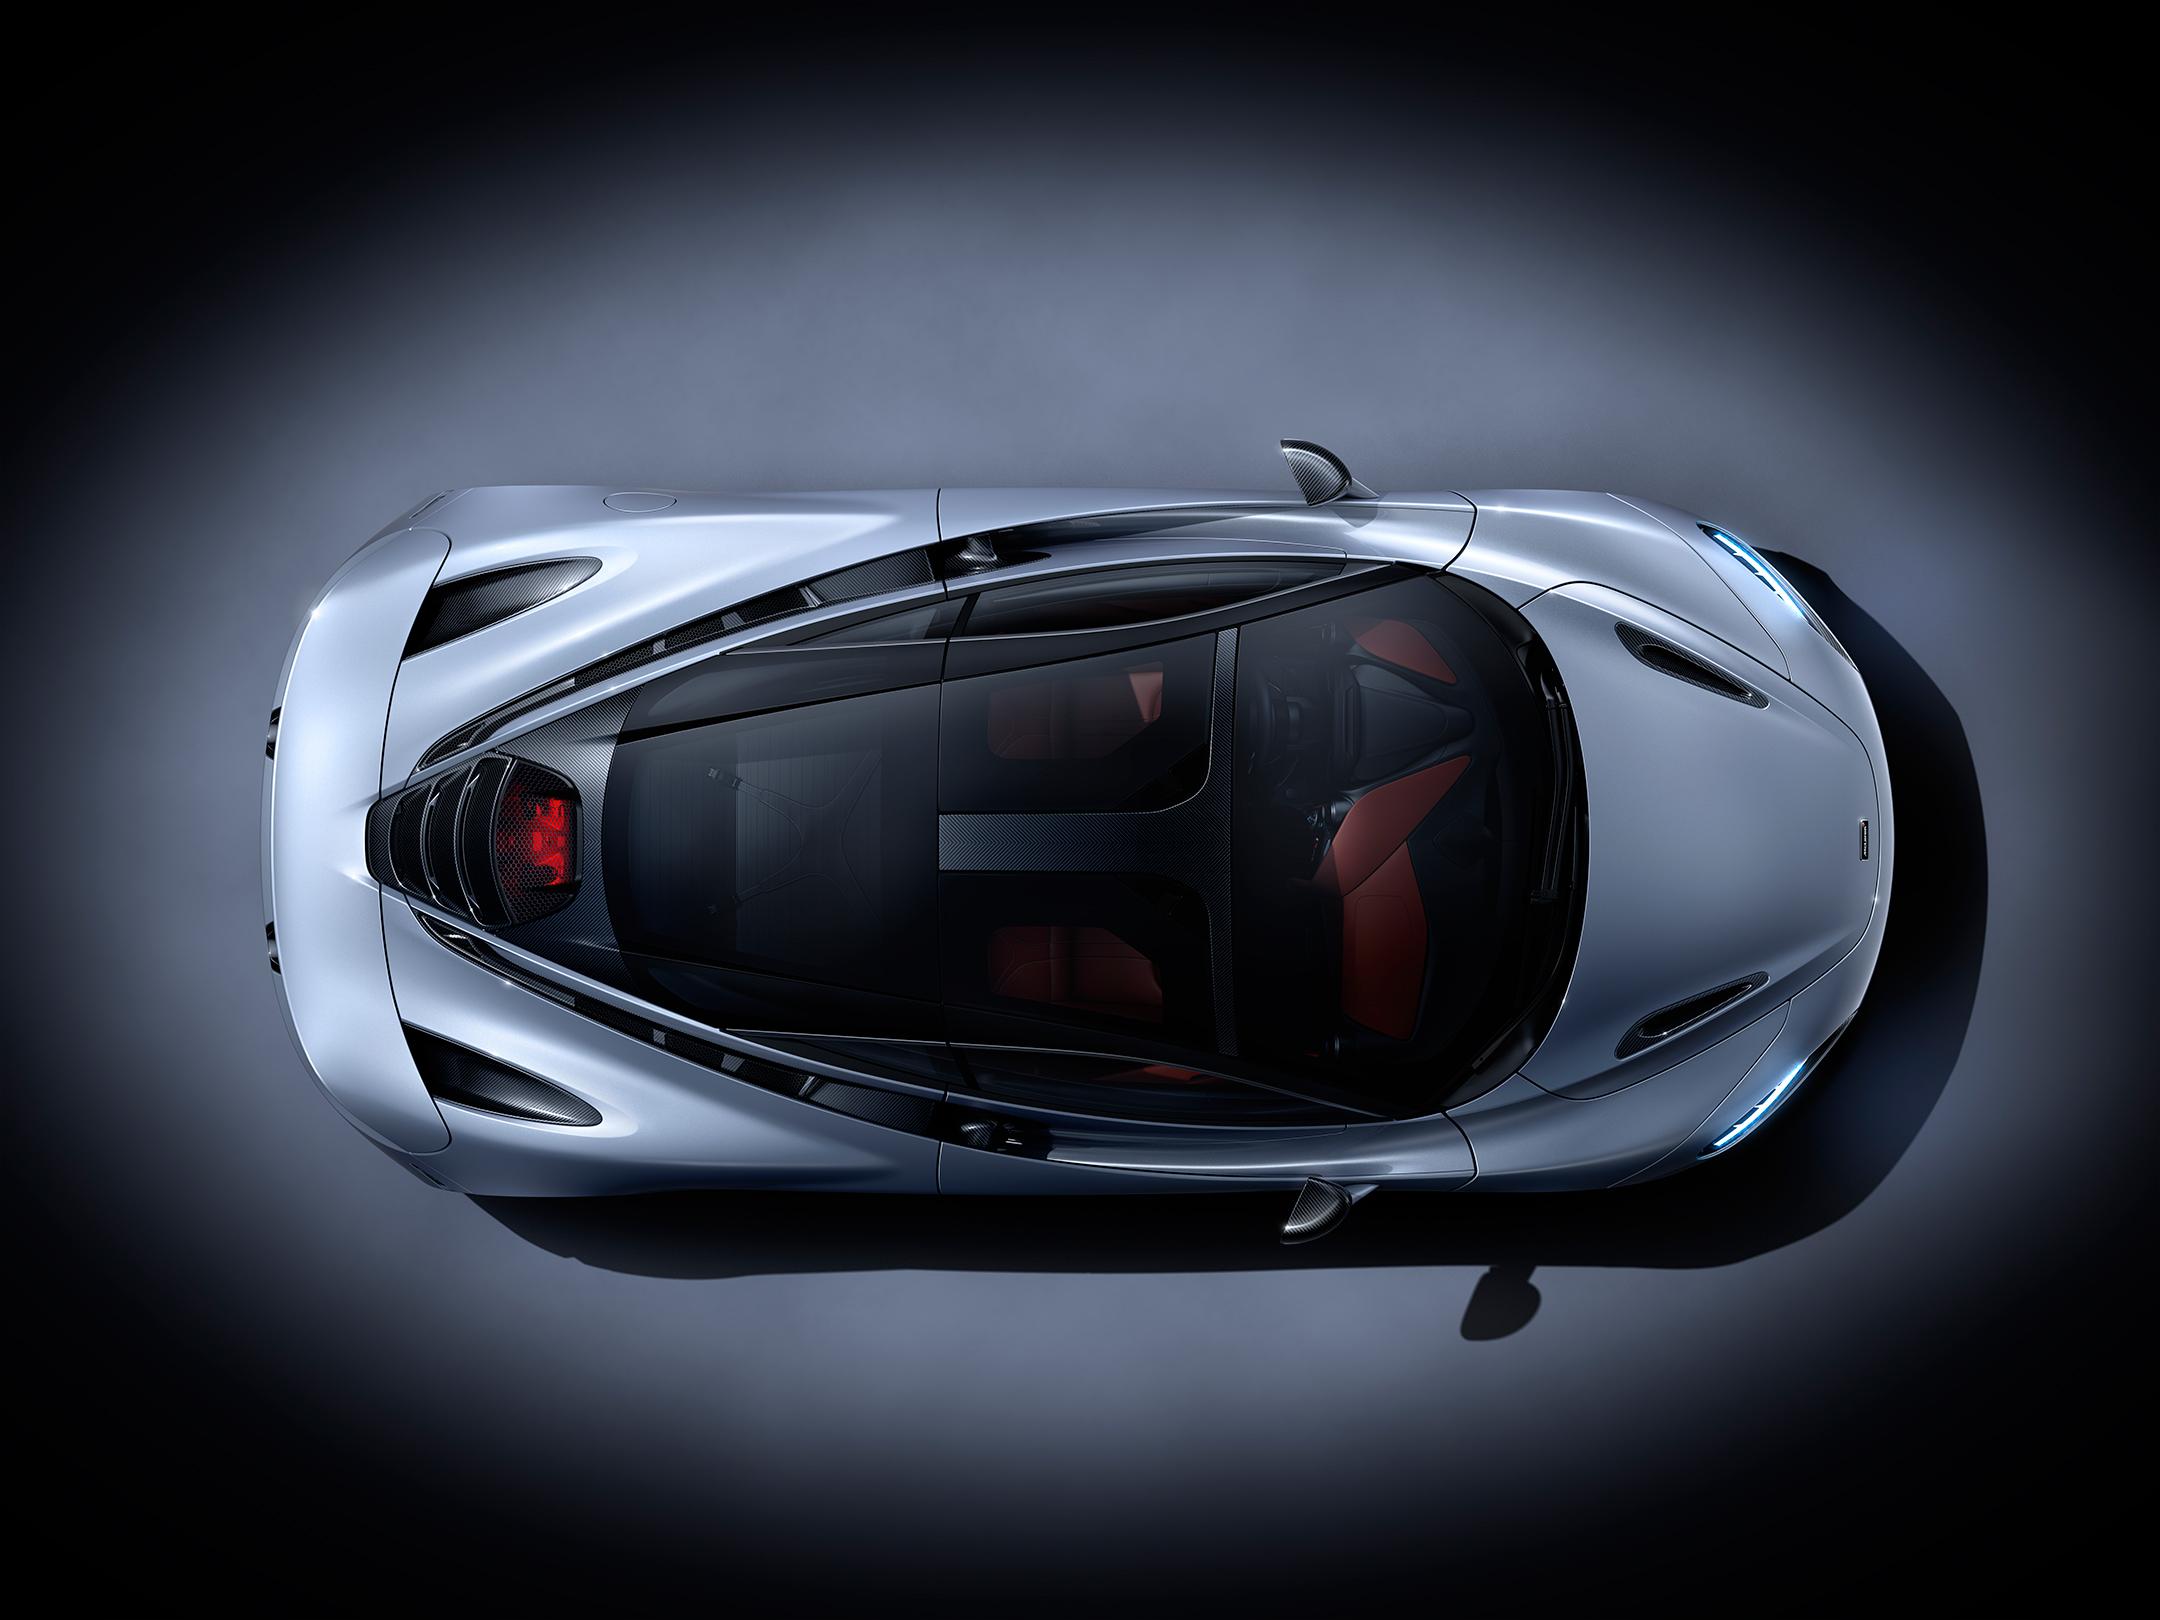 McLaren 720S - 2017 - top view / vue toit